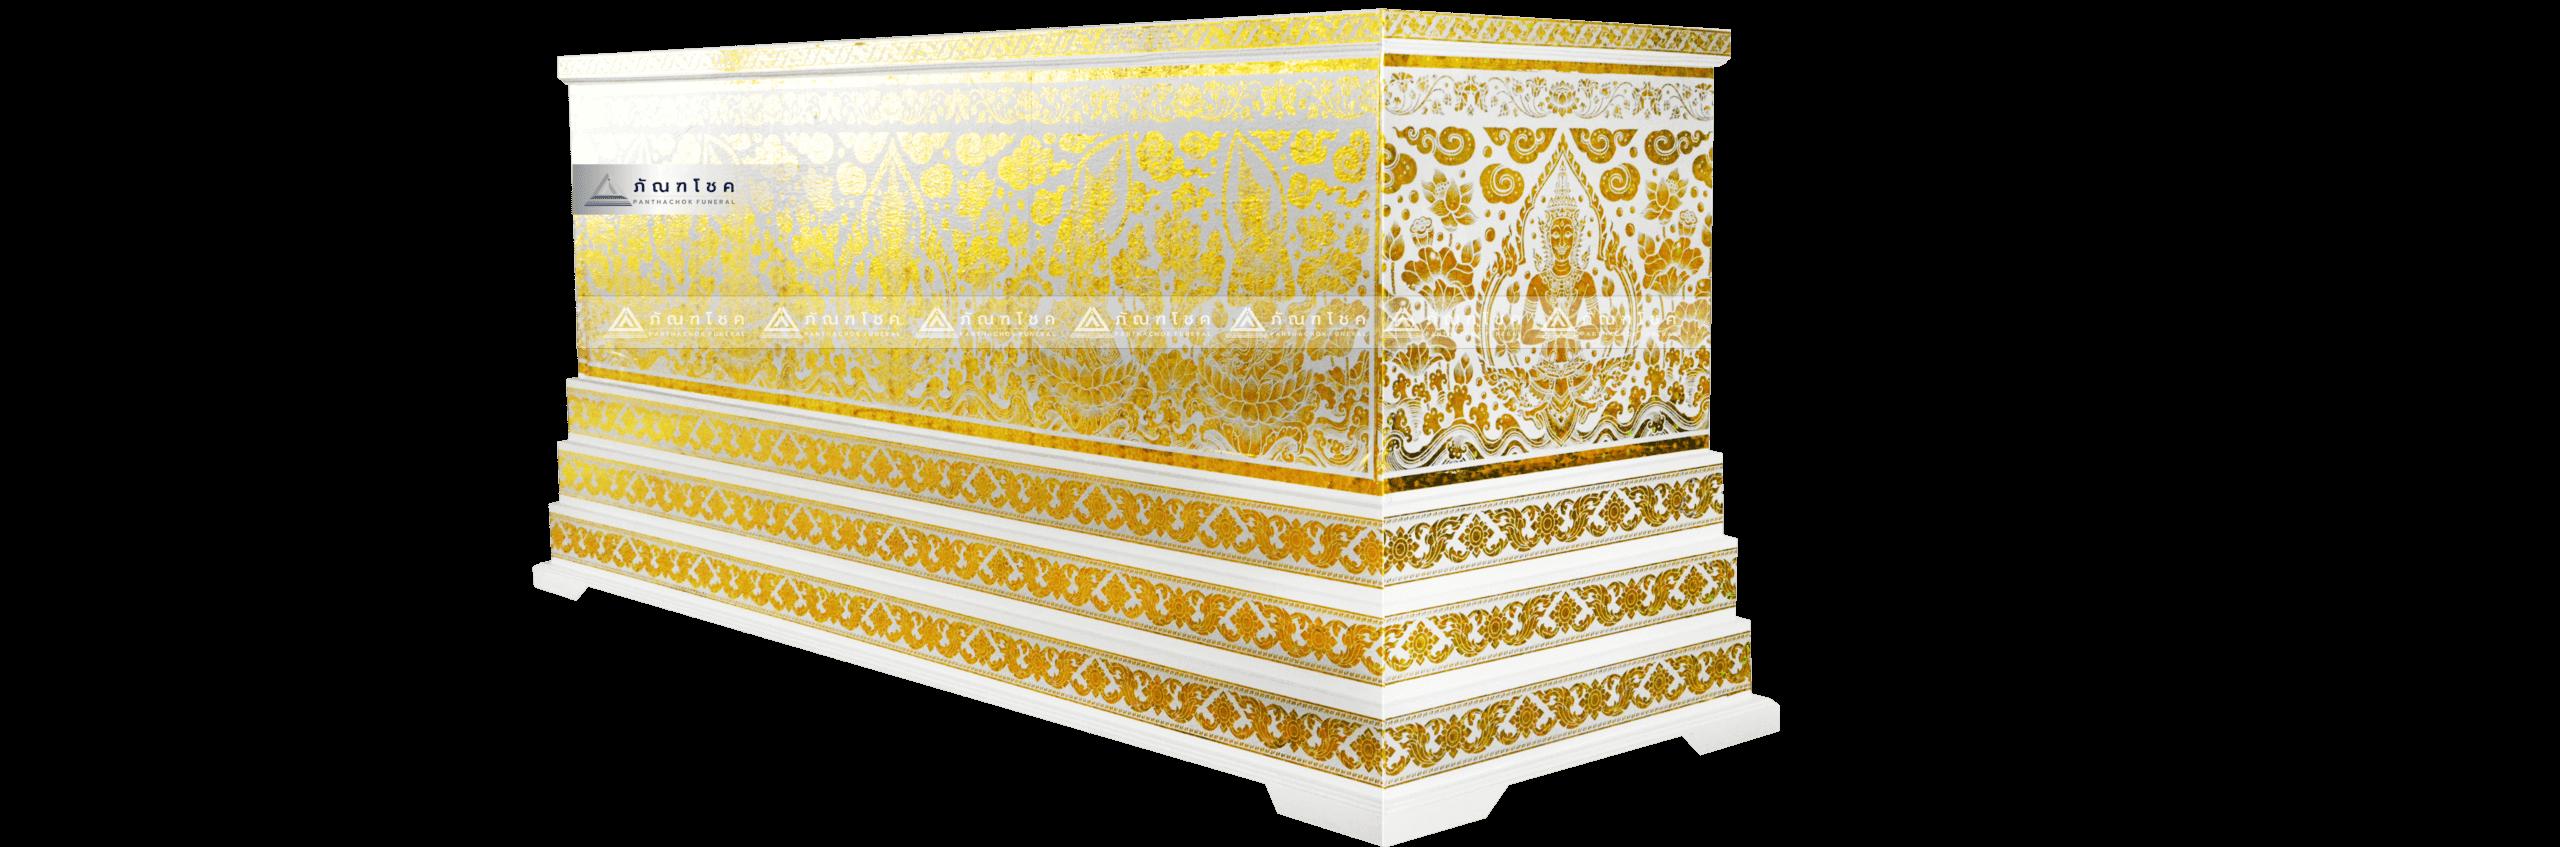 โลงศพ สีทอง 3ชั้น